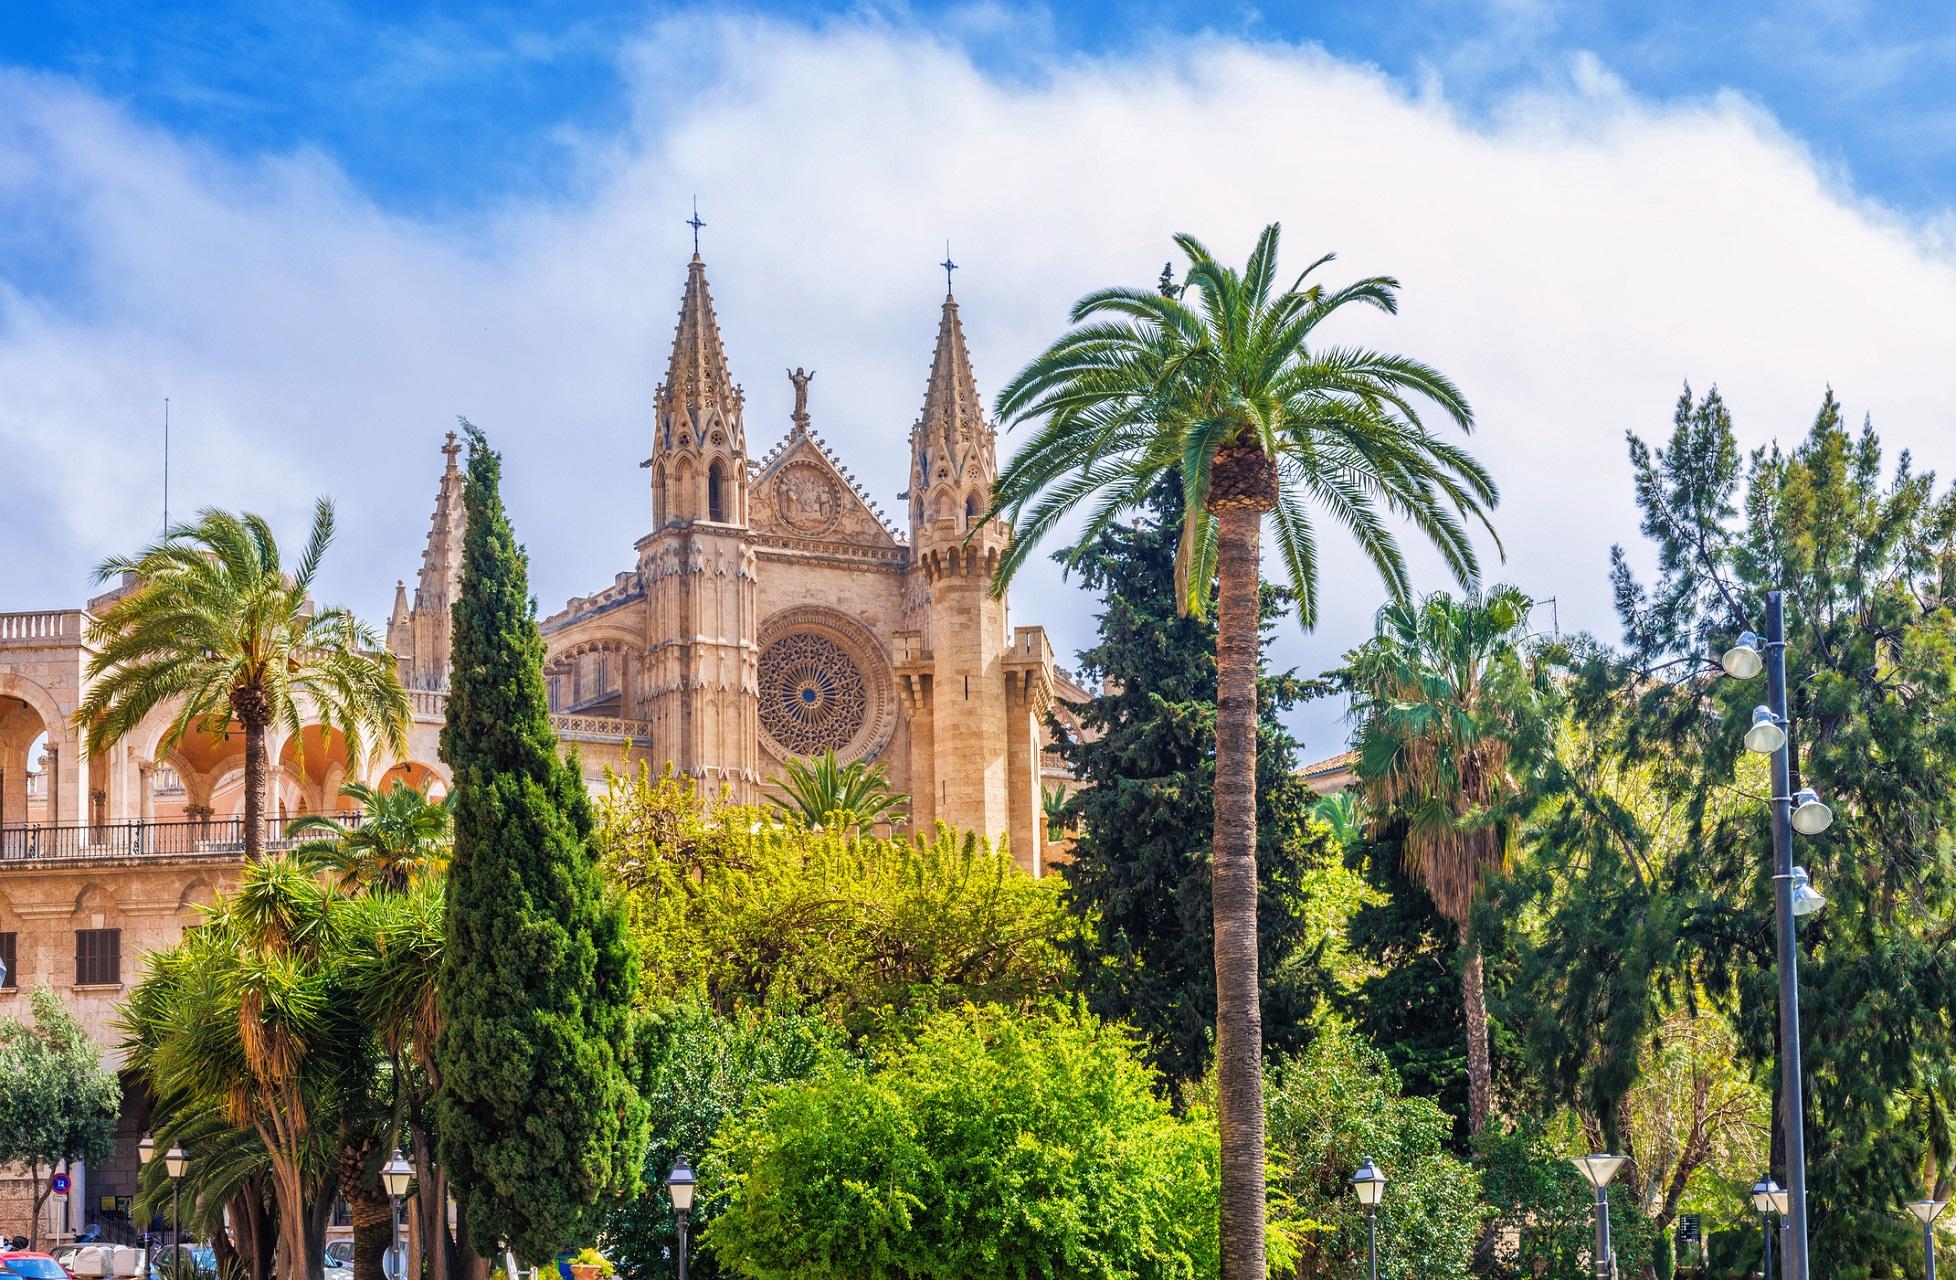 Die Kathedrale La Seu in Palma de Mallorca.